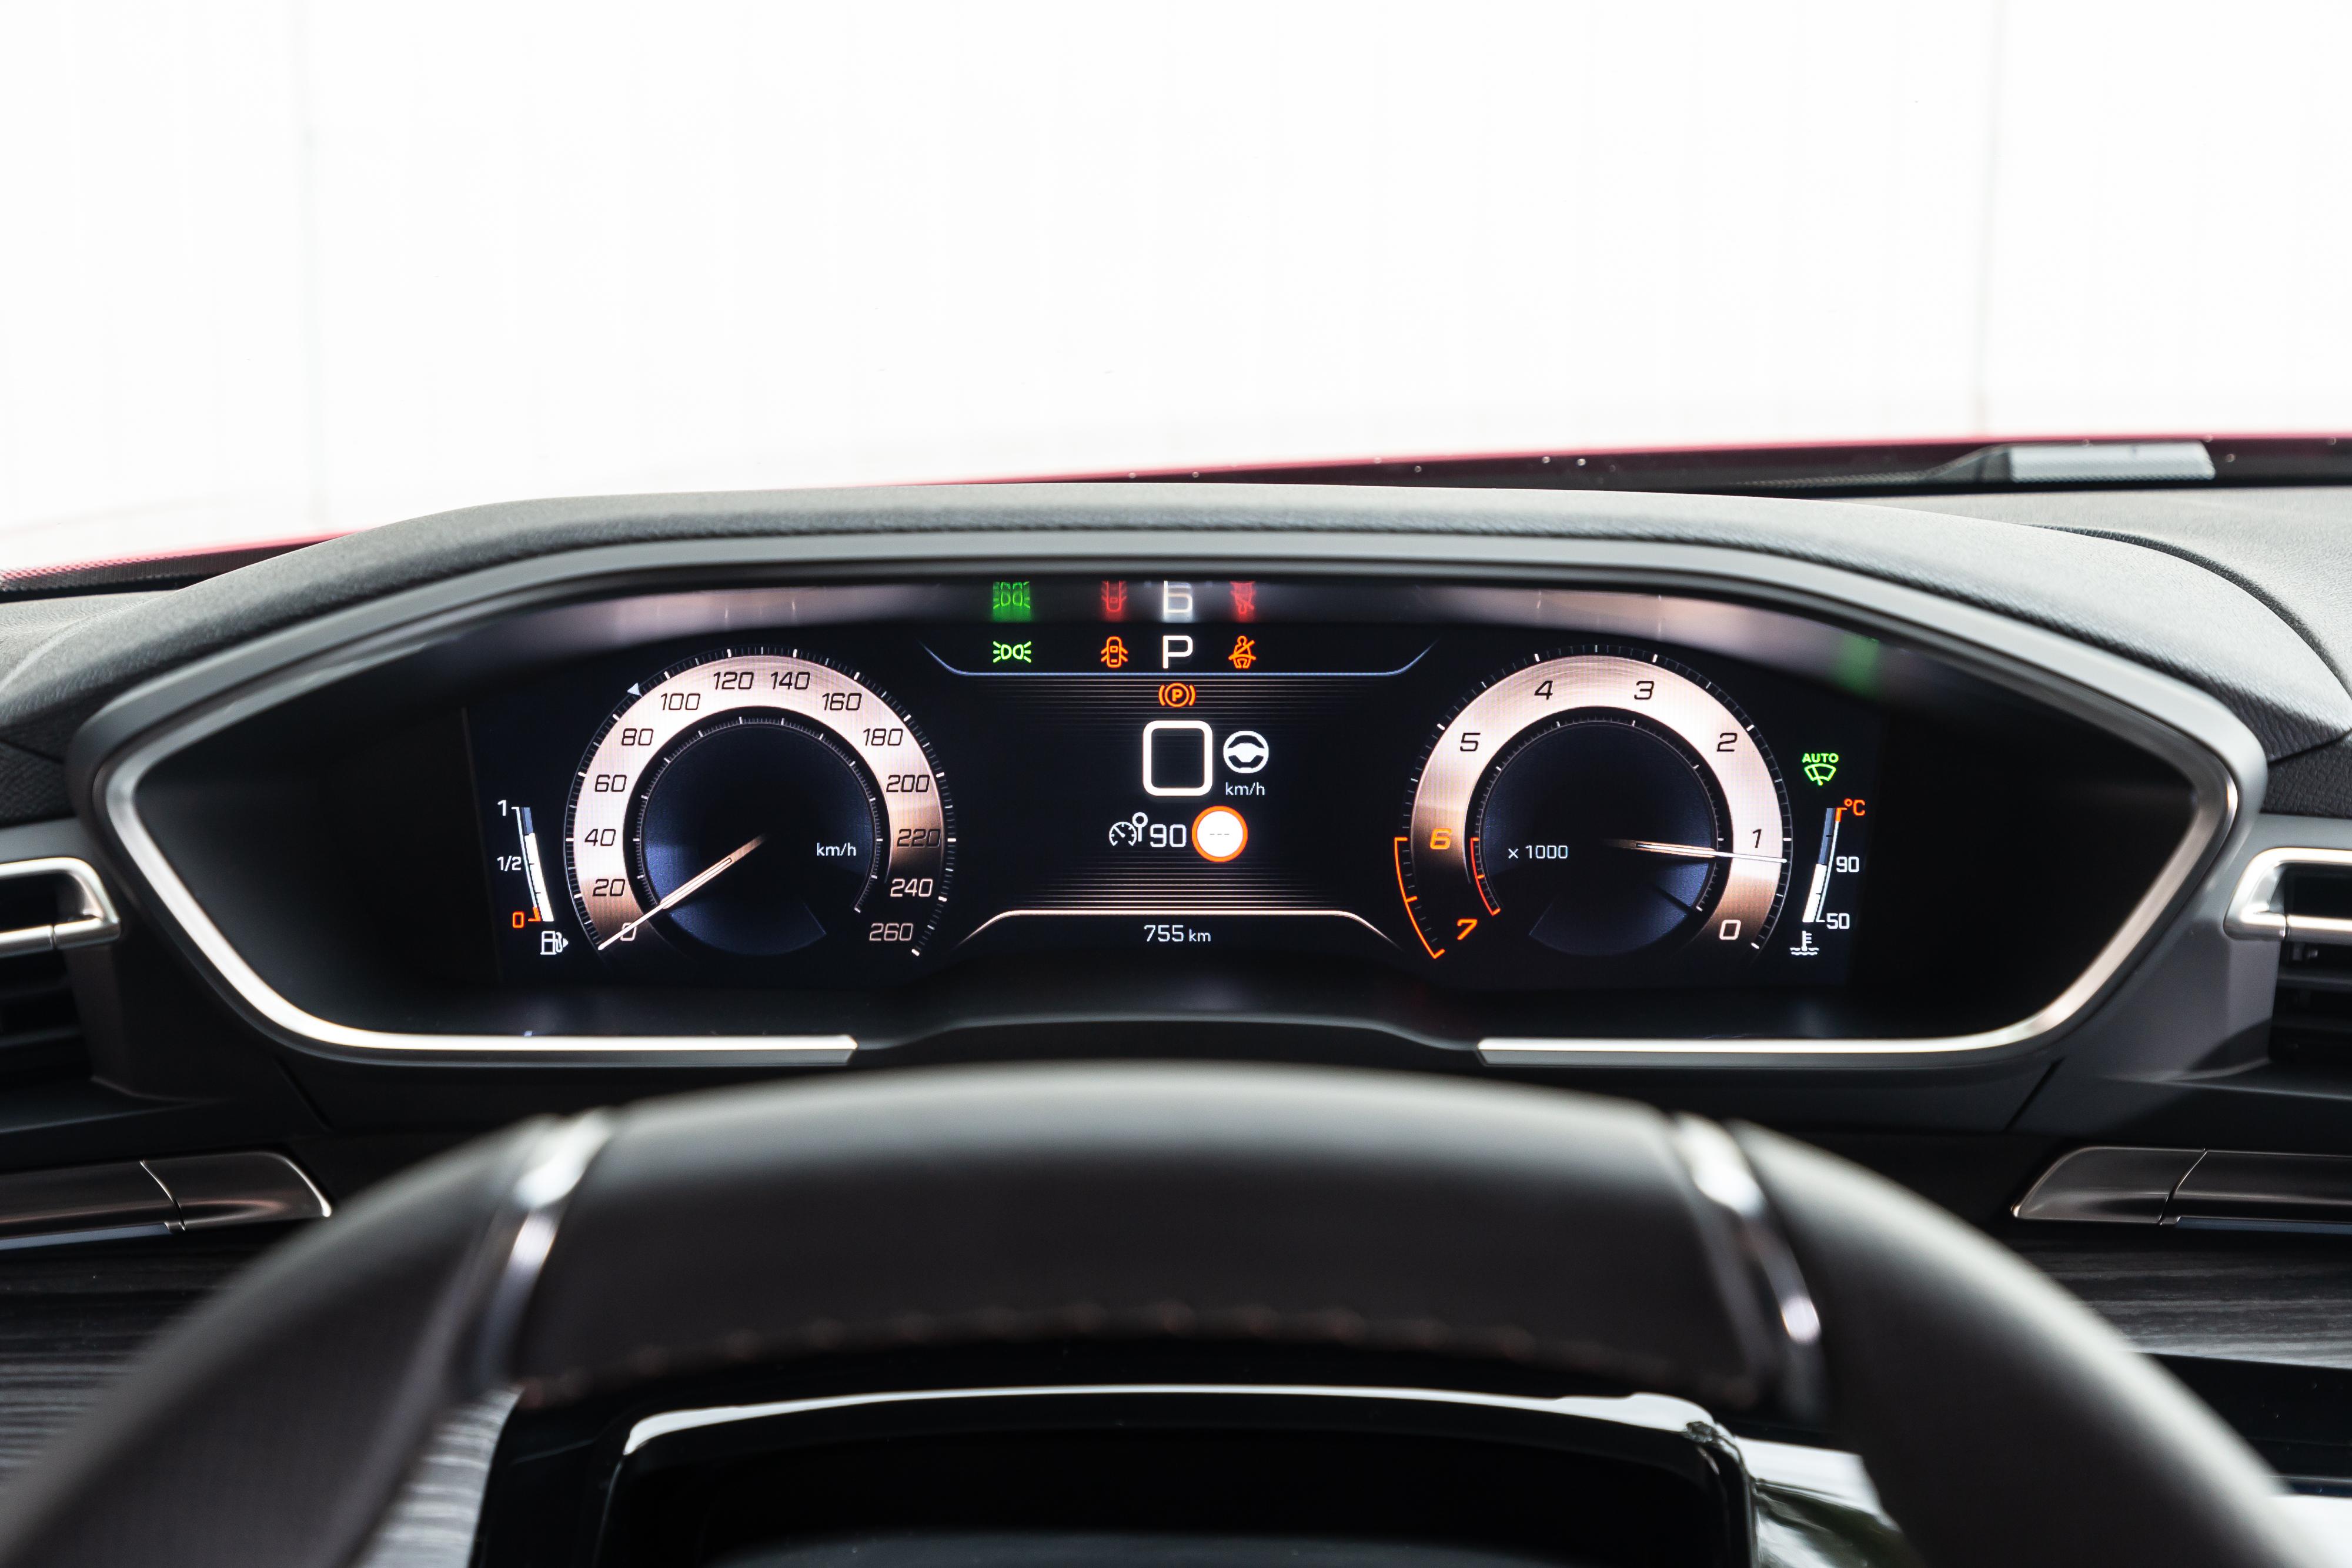 Peugeot-508-quadro-strumenti